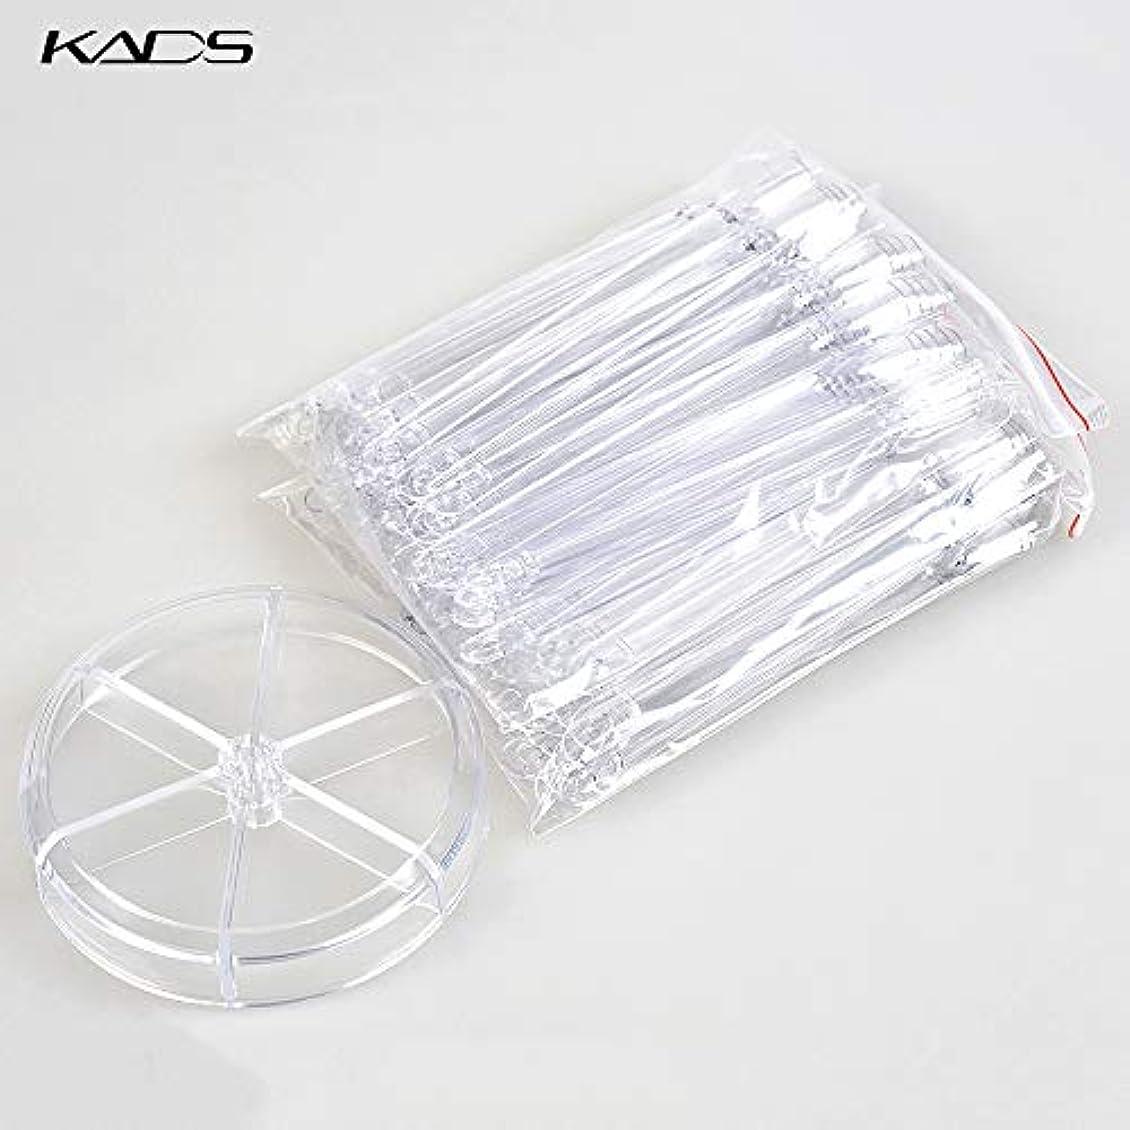 効率親愛な同一のKADS ネイルカラーチャート スティックチップ ディスプレー用 練習 120枚 (クリア)